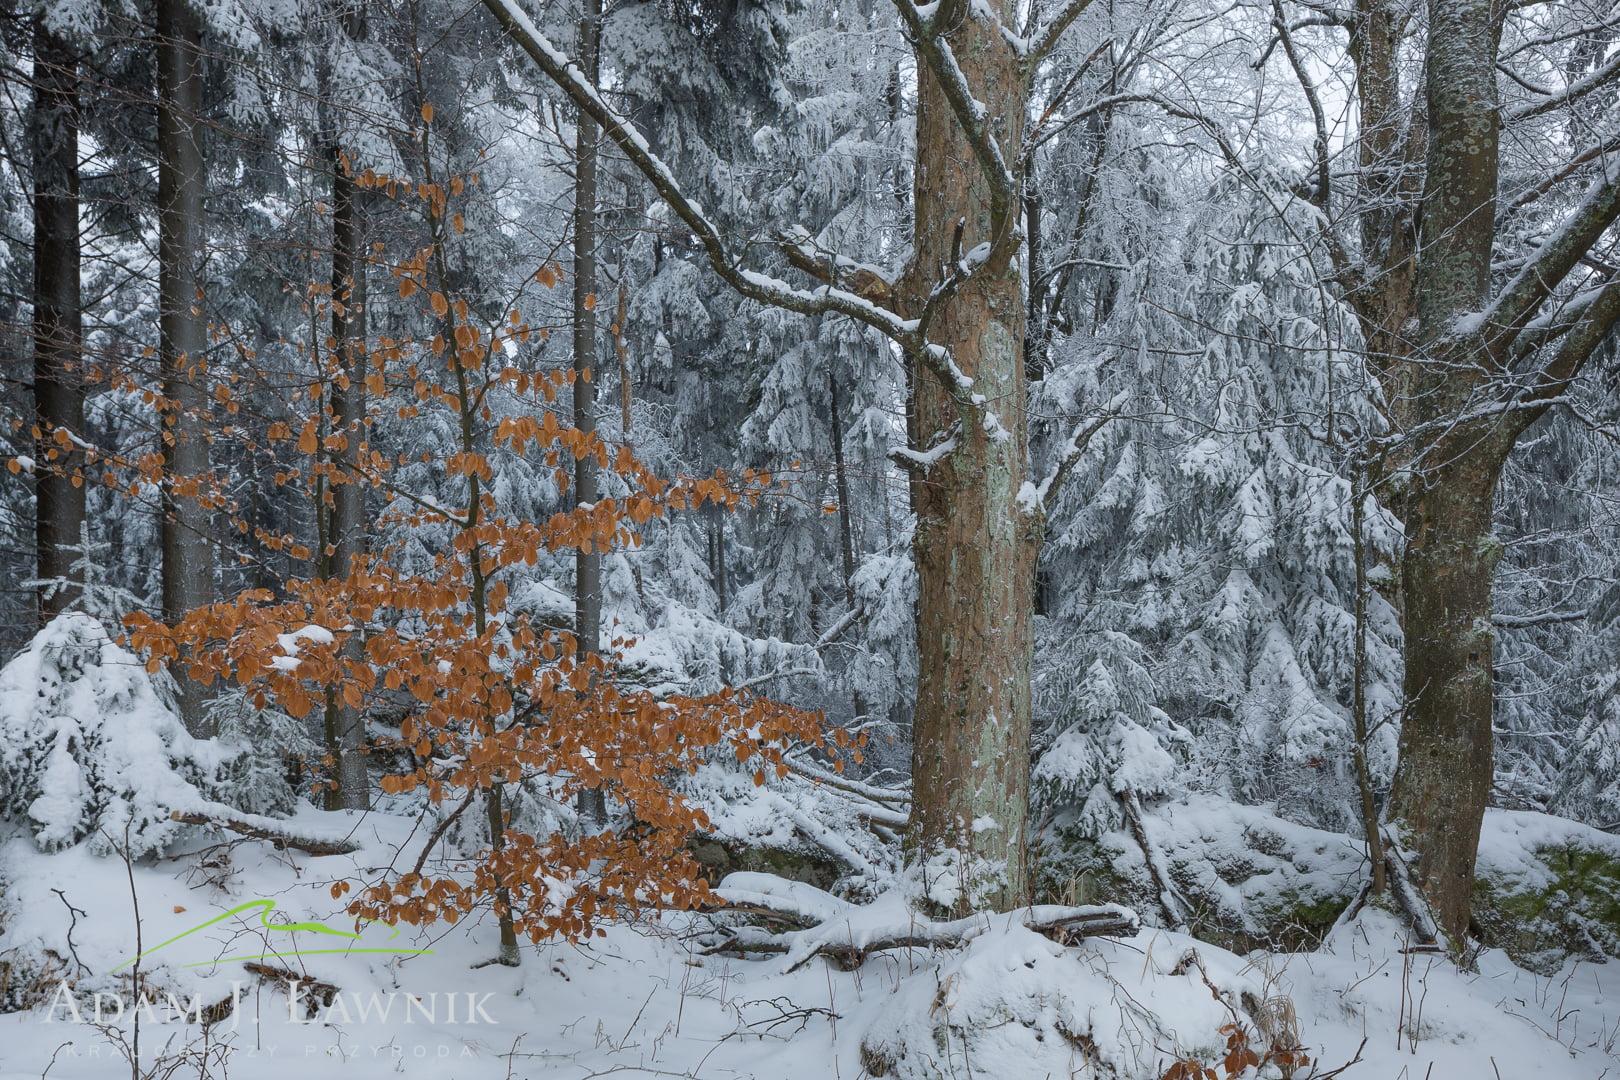 Kolorowy buk na tle zimowego lasu